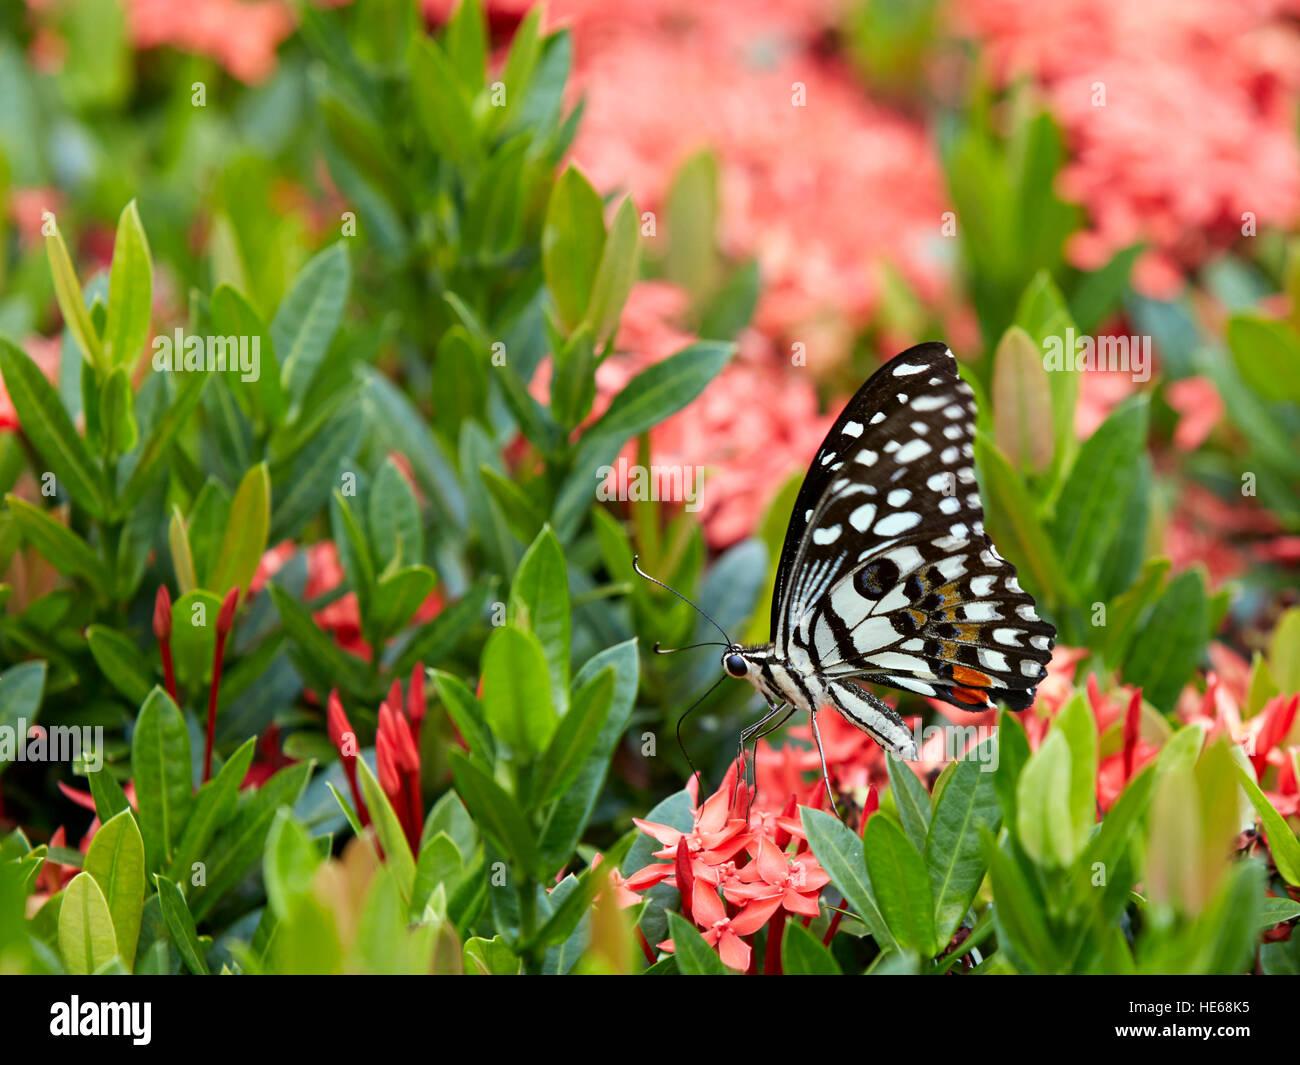 Mariposa de limón (Papilio demoleus) se sienta en un arbusto florido. Hue, Vietnam. Foto de stock